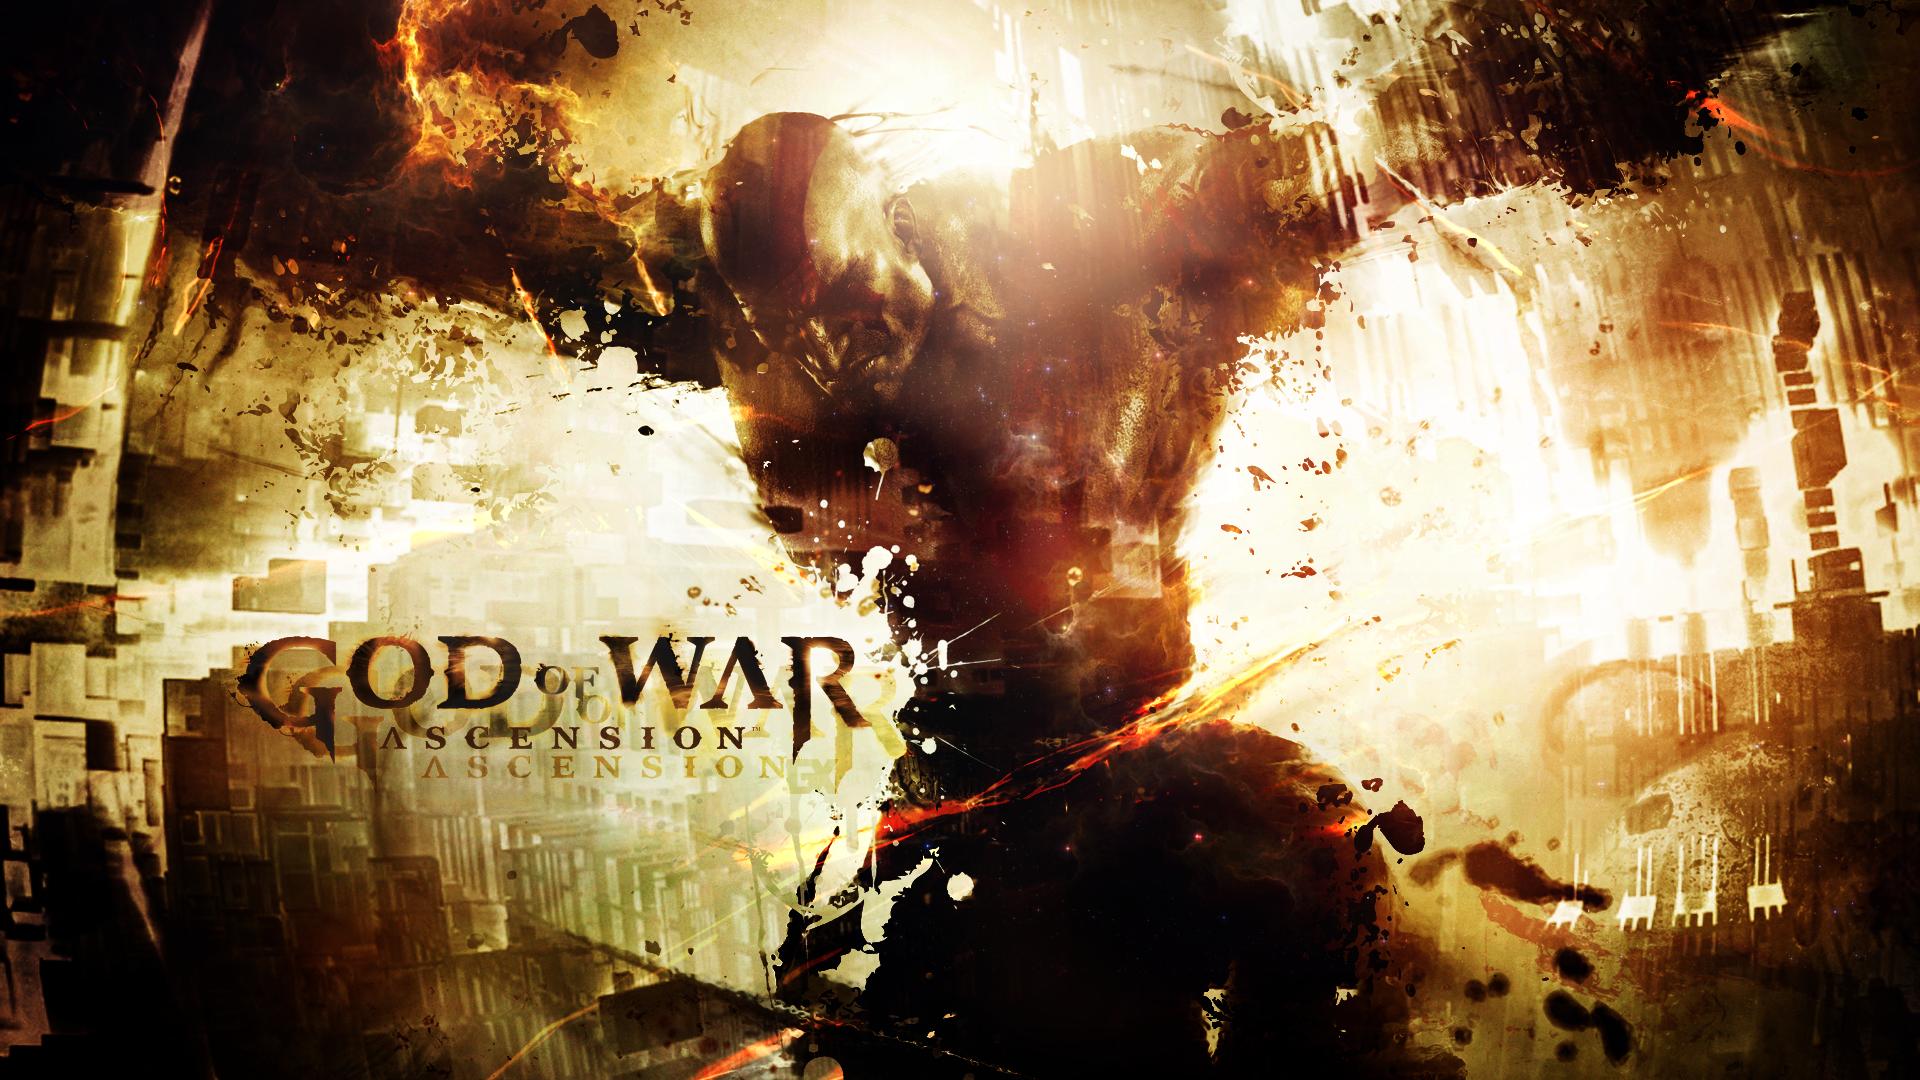 God Of War Wallpaper 1080p Afx Kratos God Of War God Of War